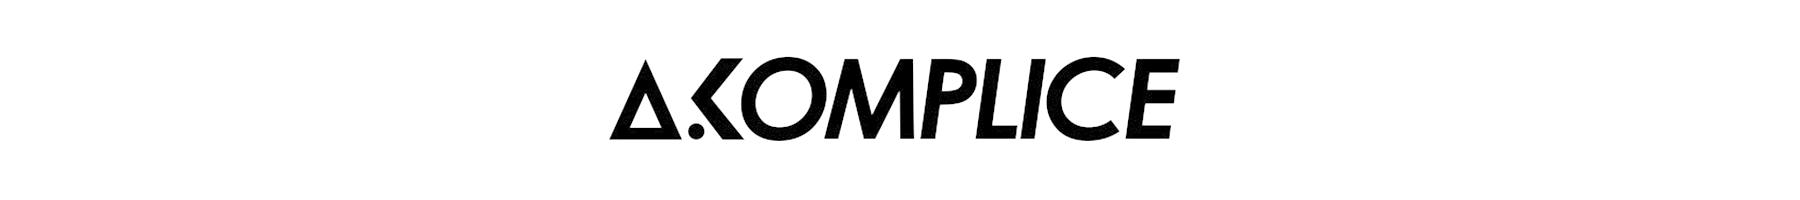 DrJays.com - Akomplice